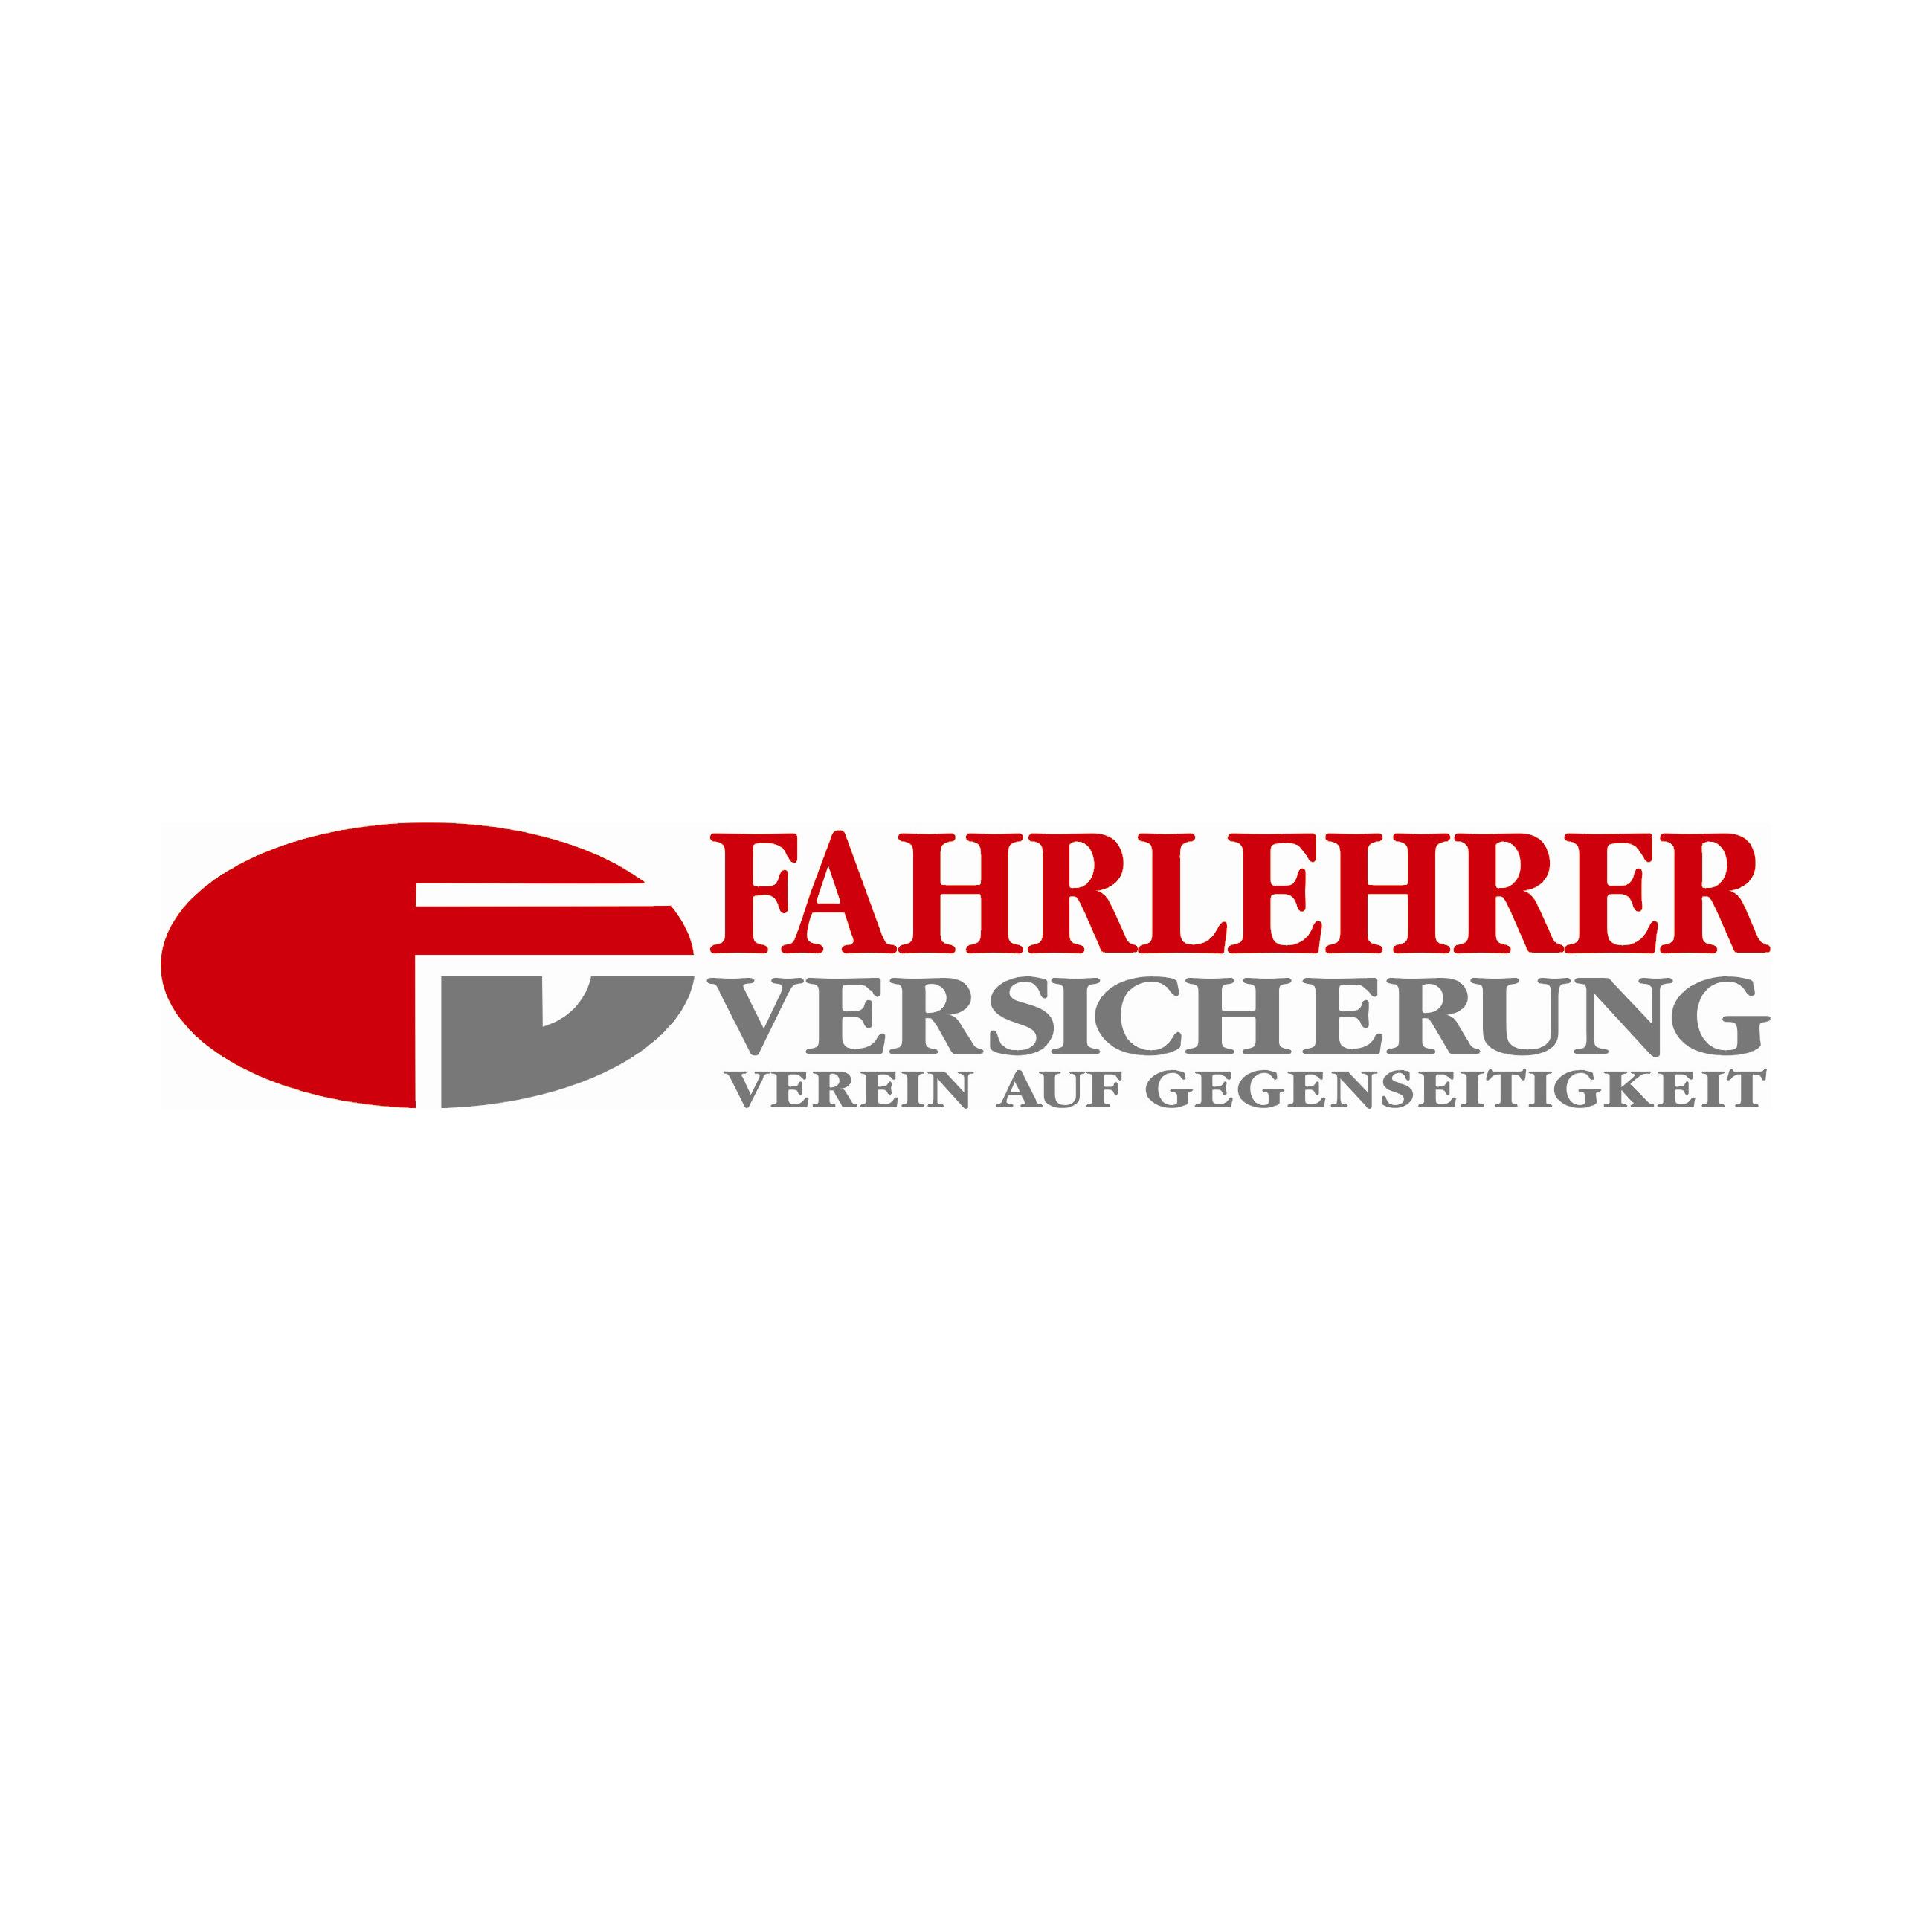 Partnerlogo Fahrlehrerversicherung VaG